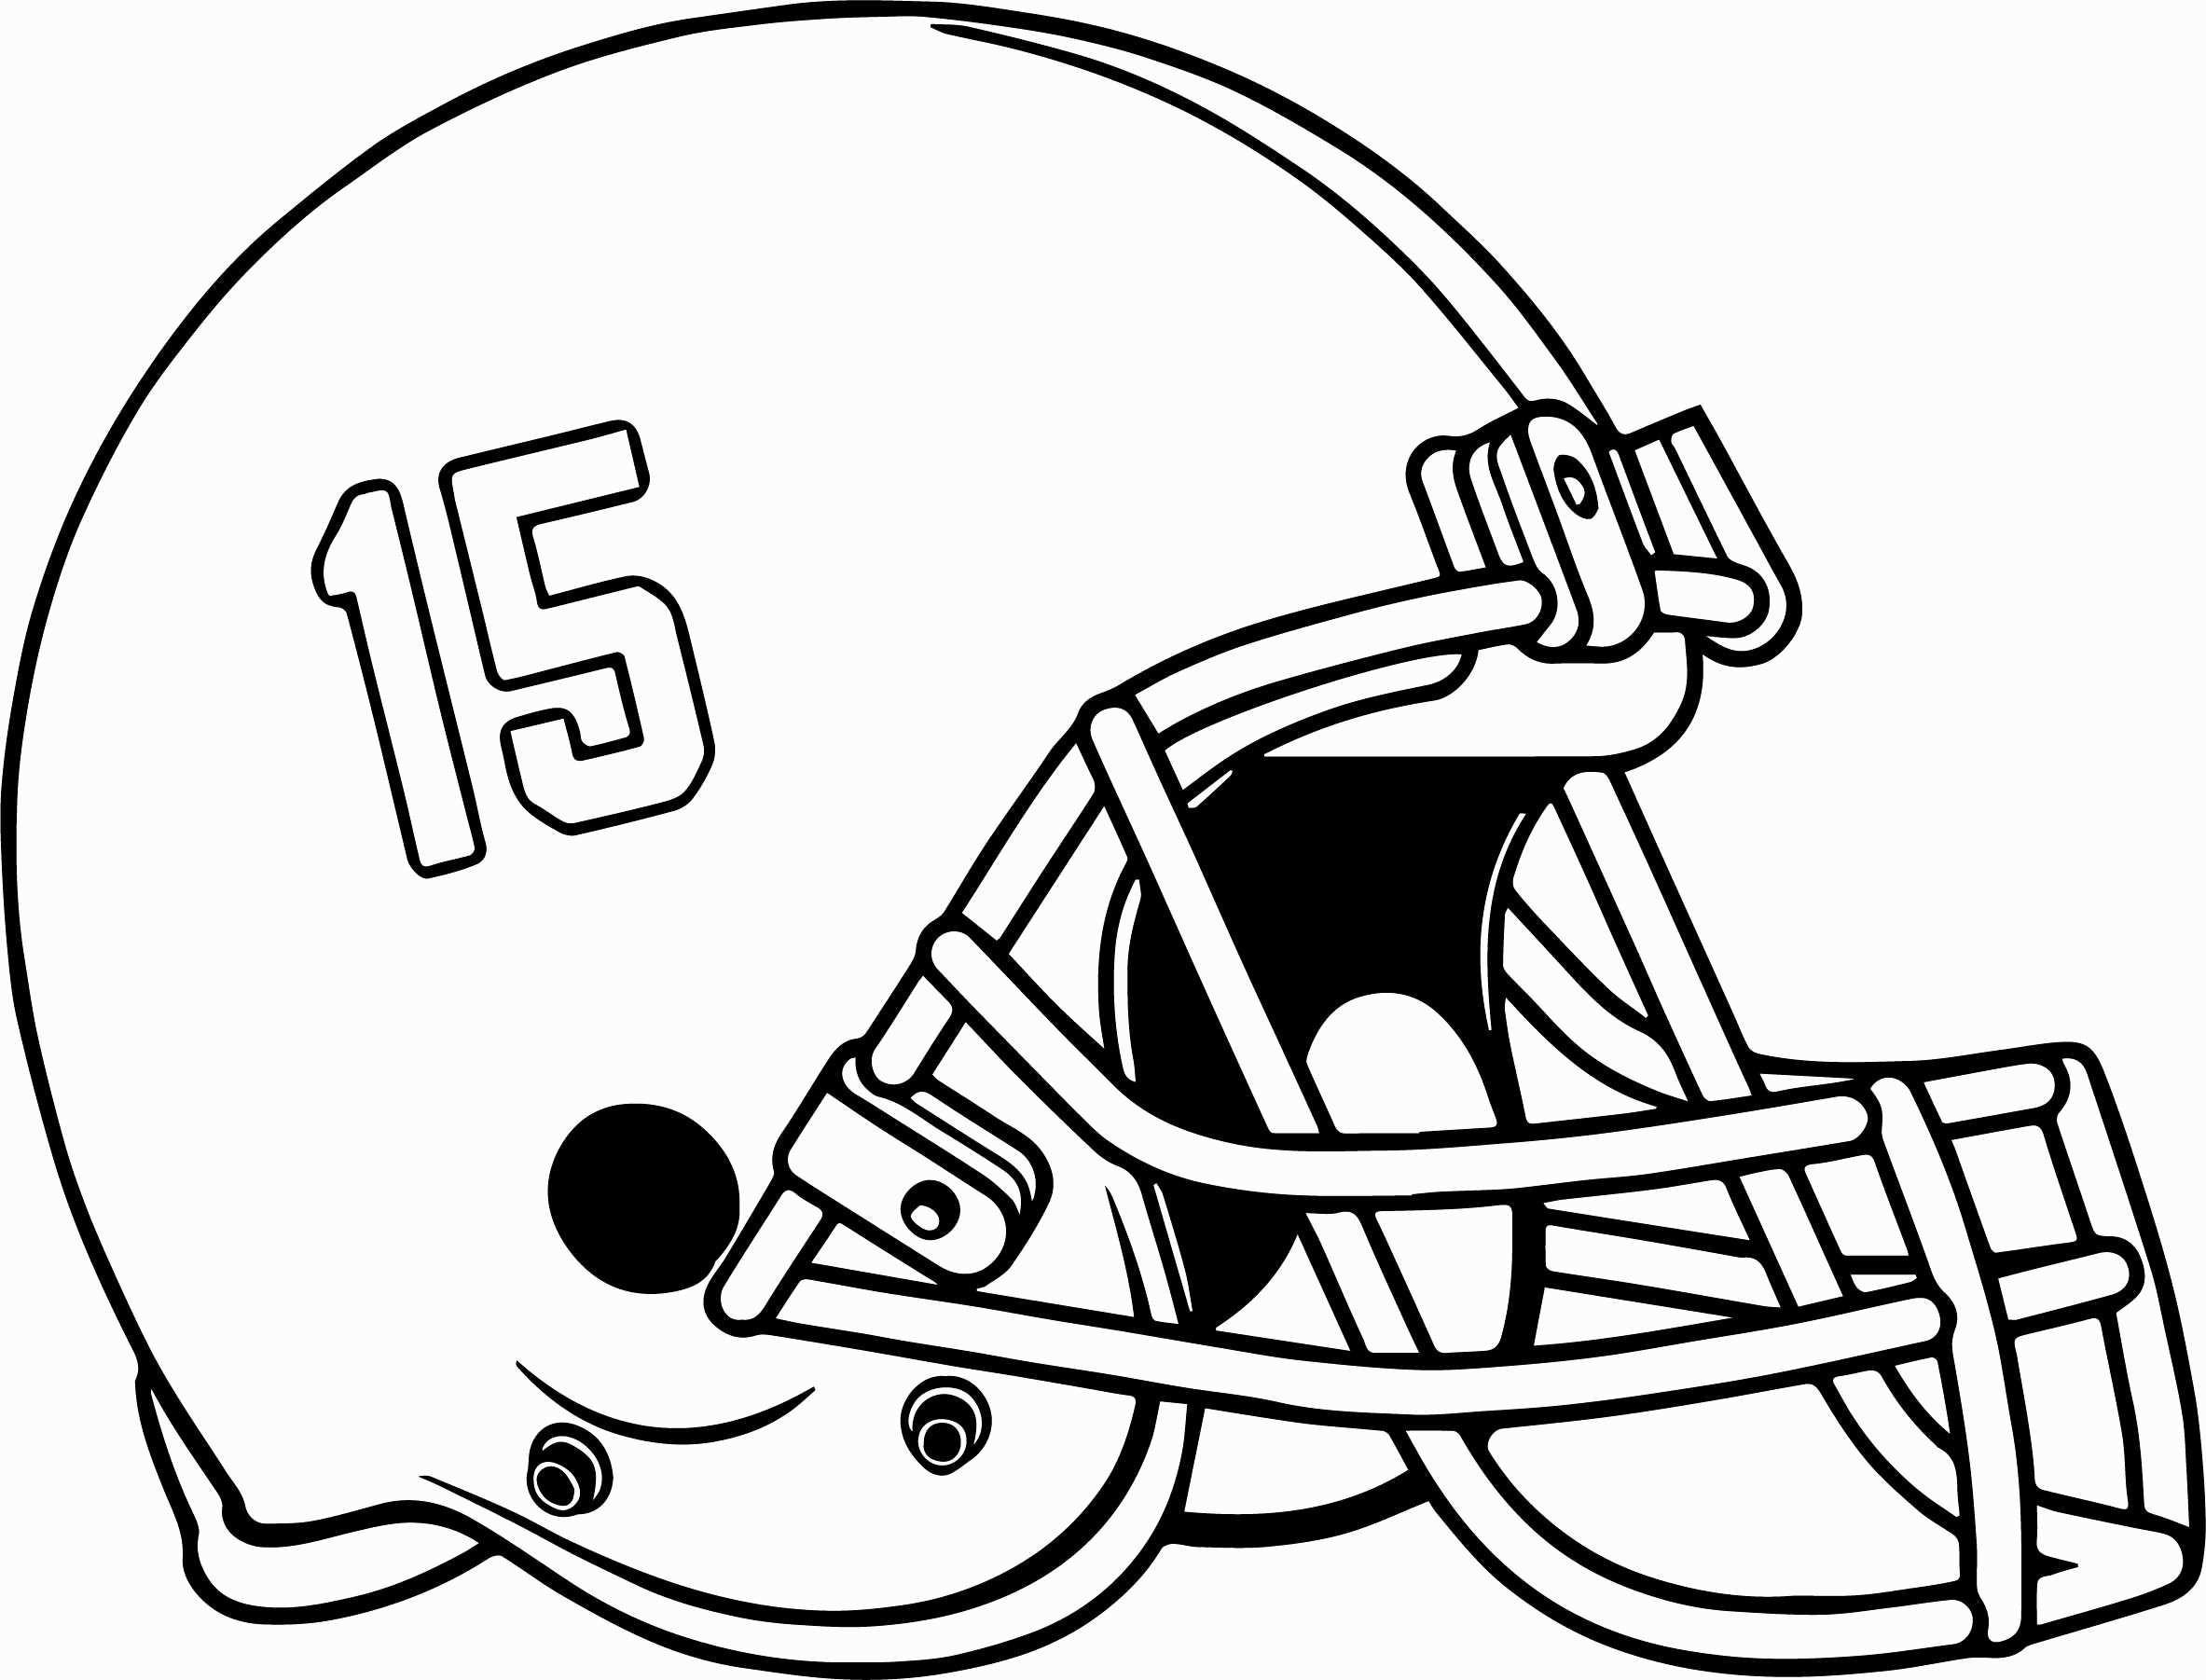 Steelers Helmet Drawing